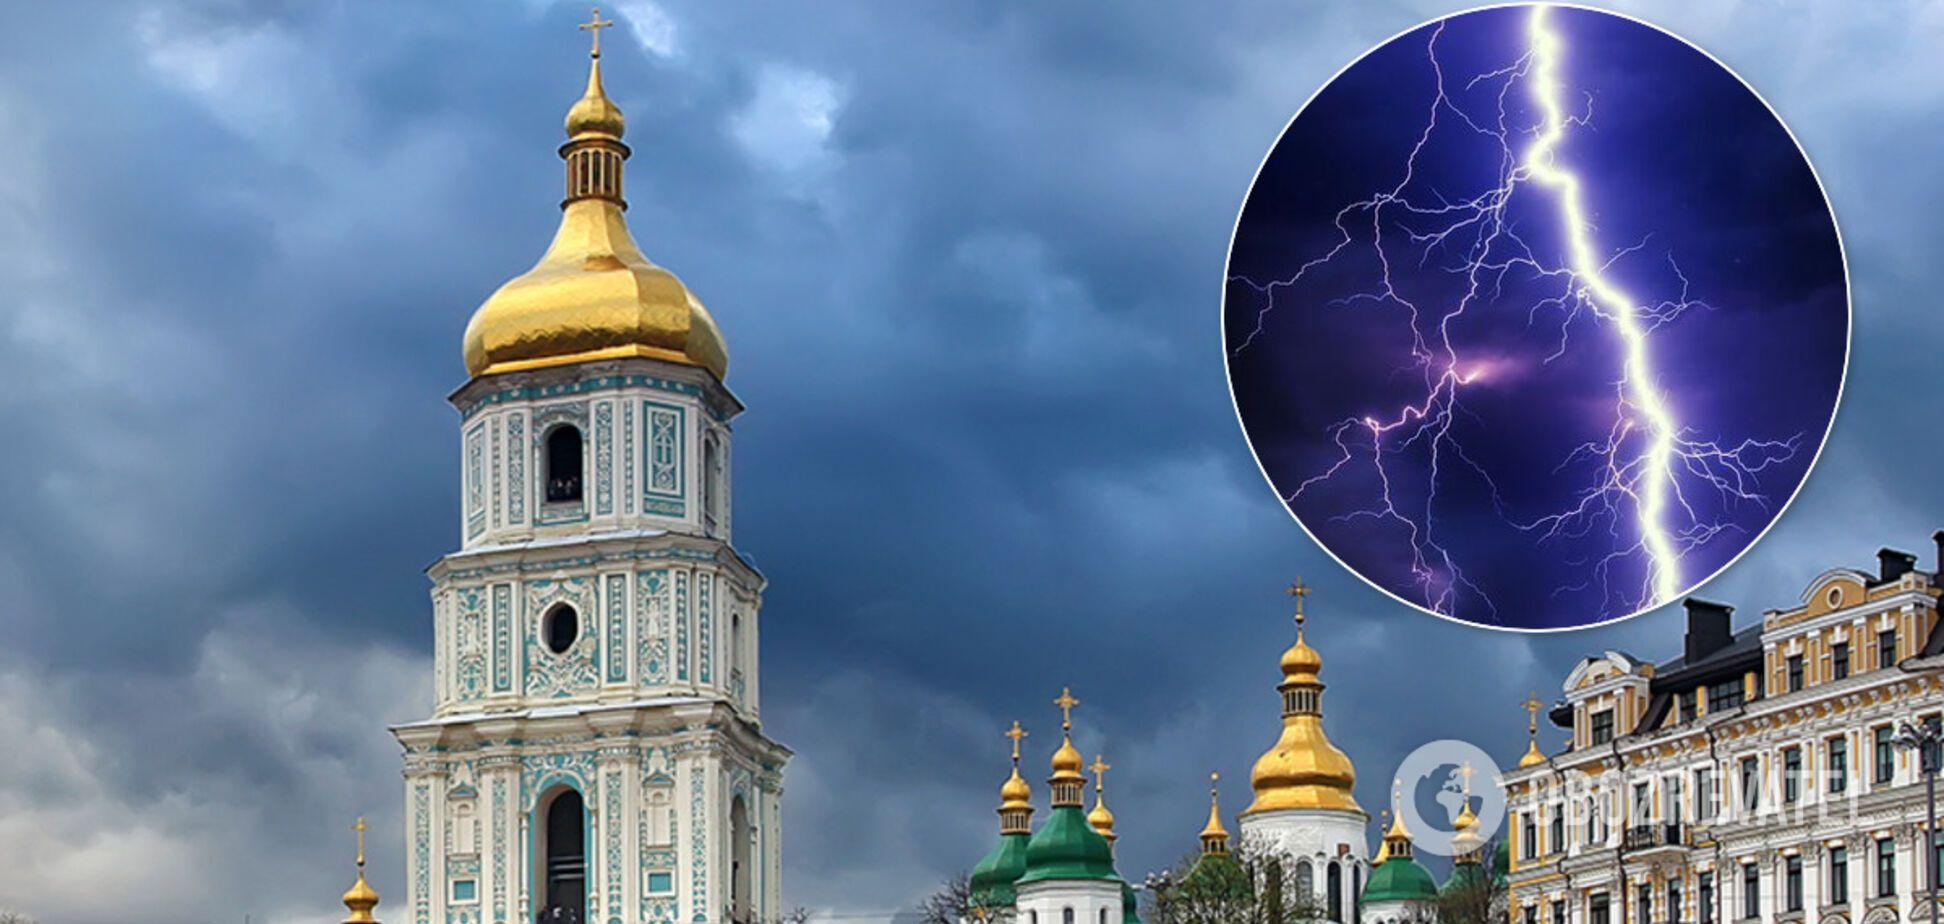 На Киев надвигается шторм. Иллюстрация